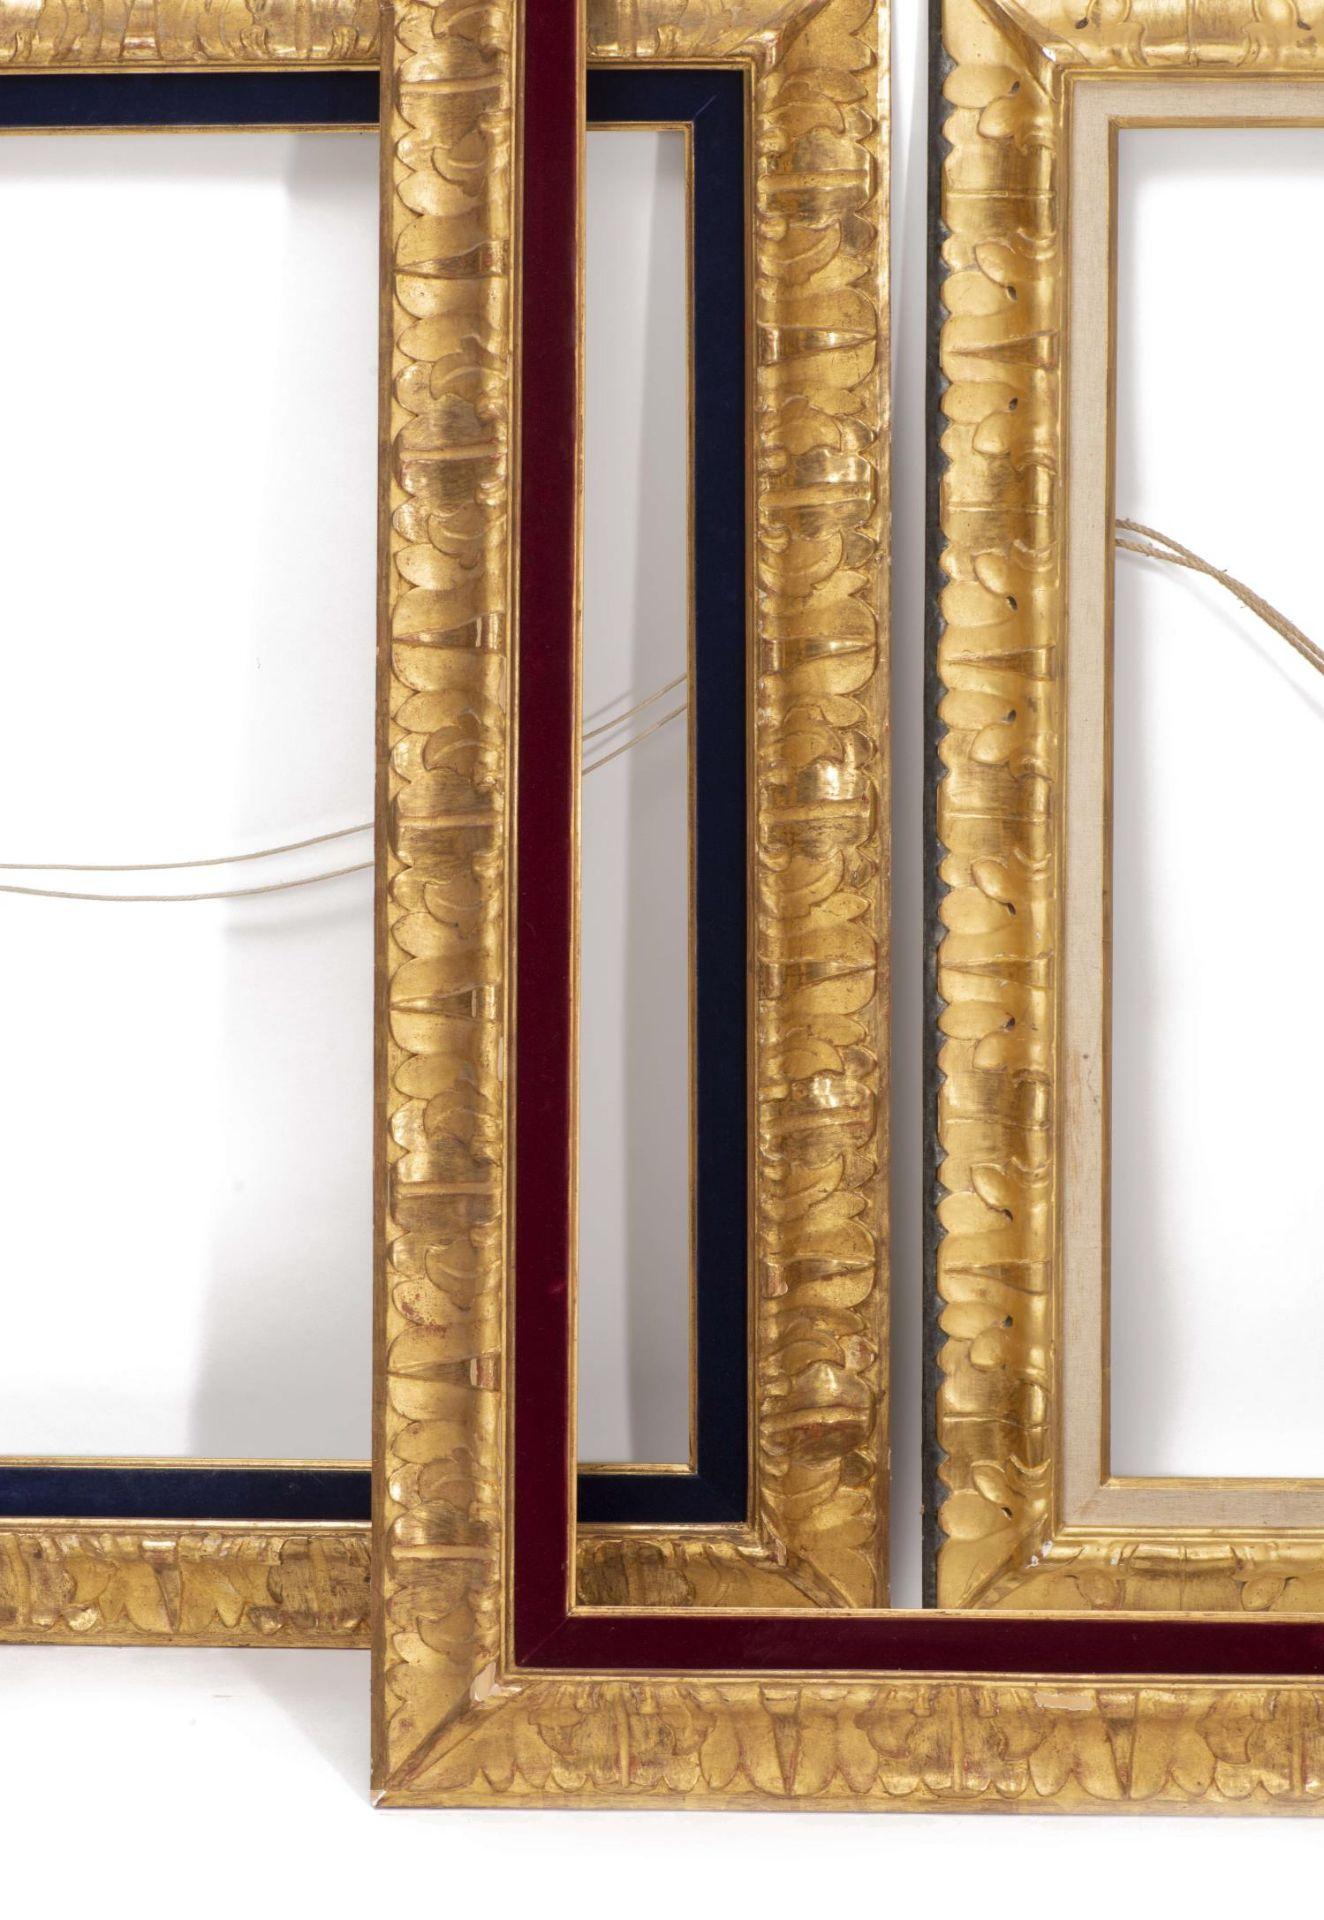 Ensemble de trois cadres en bois et stuc doré à décor de feuillages - Bild 2 aus 3